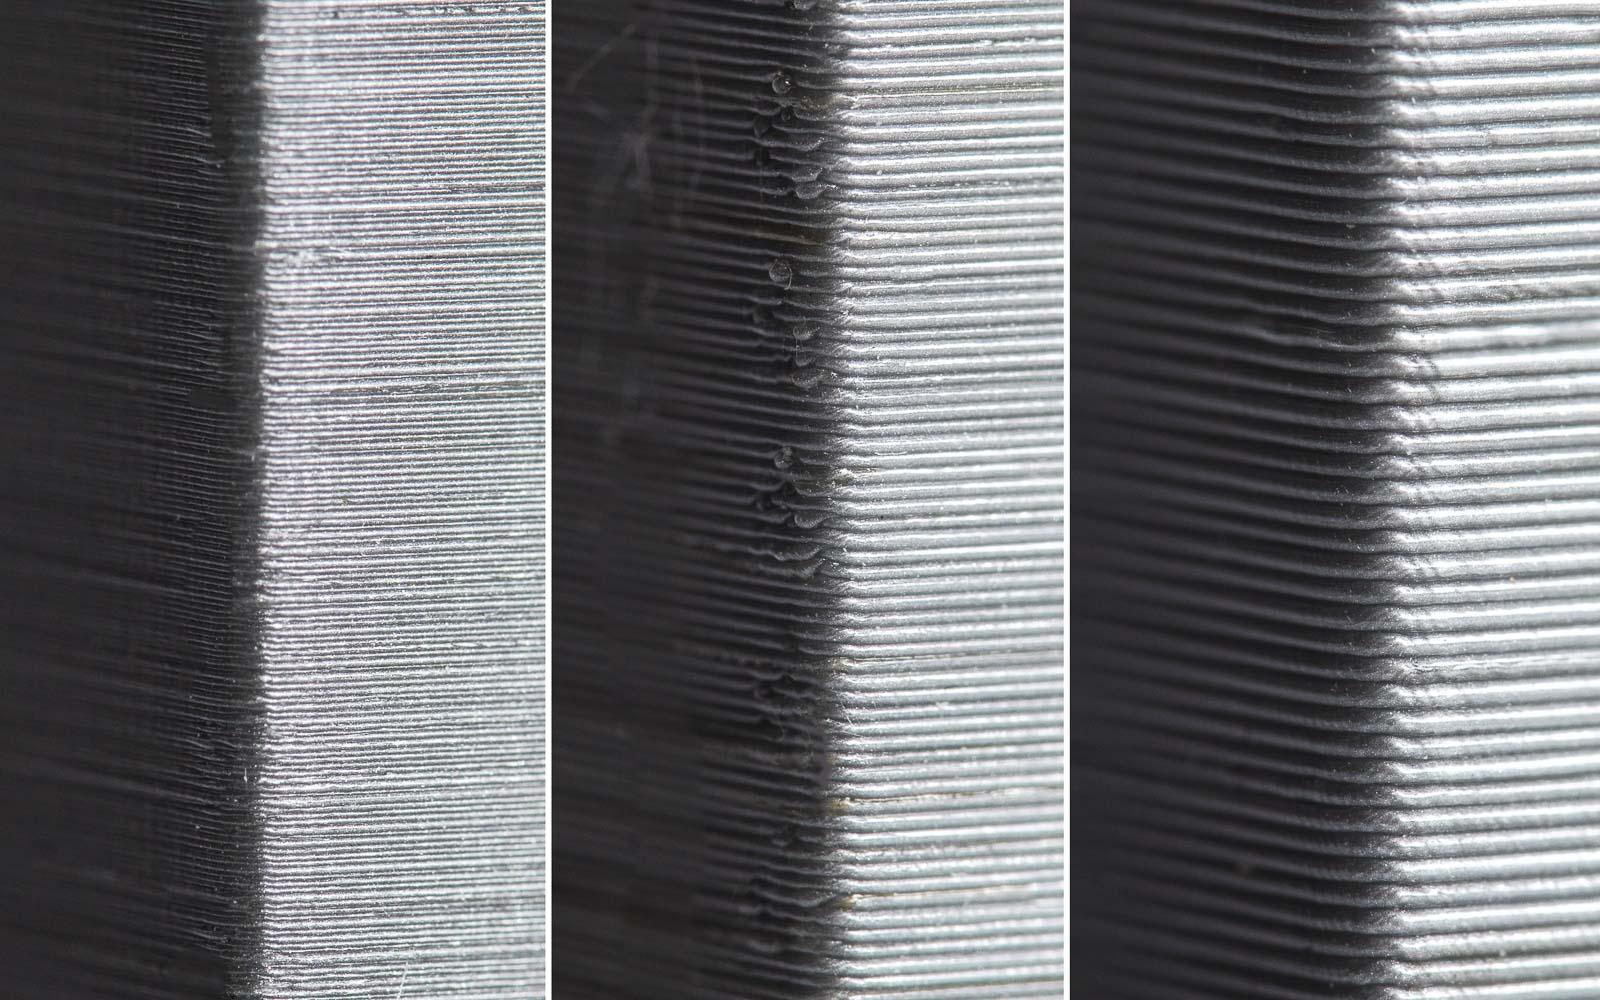 لایه های قطعاتی که با پرینتر سه بعدی ساخته می شوند از نزدیک قابل مشاهده هستند.